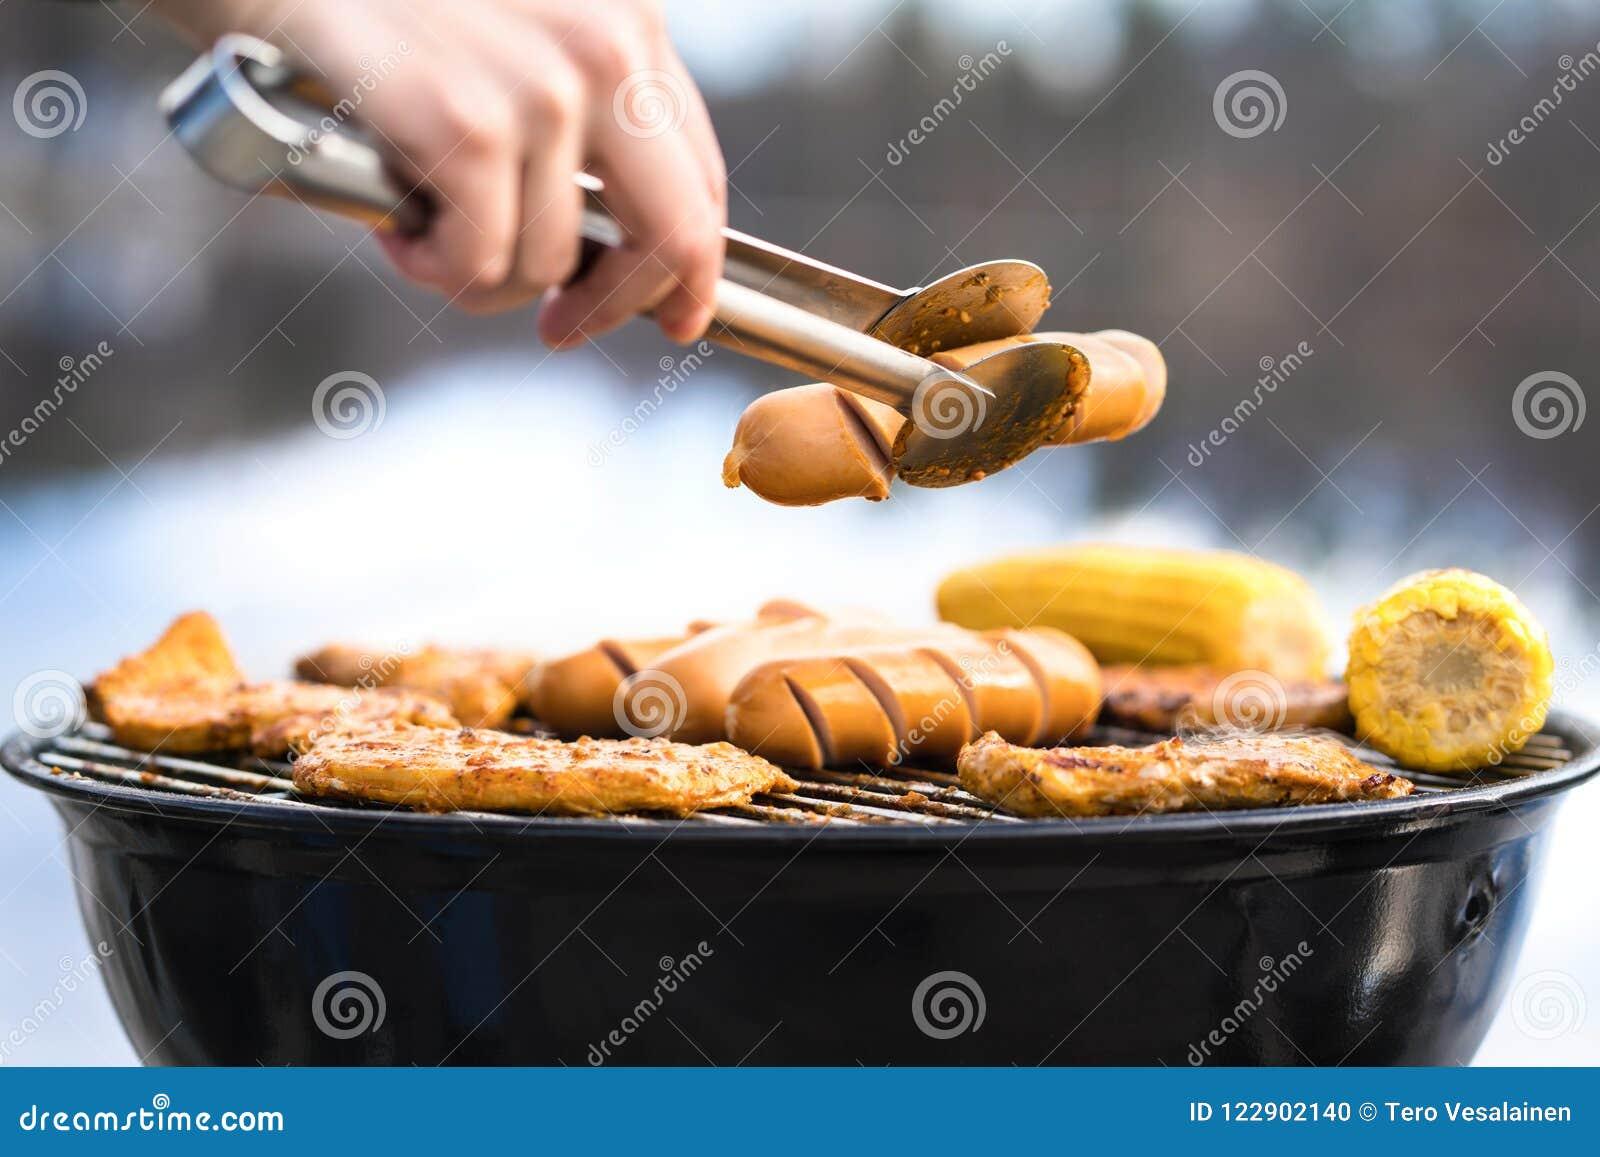 Osoby opieczenie z węgla drzewnego czajnika grillem pełno jedzenie